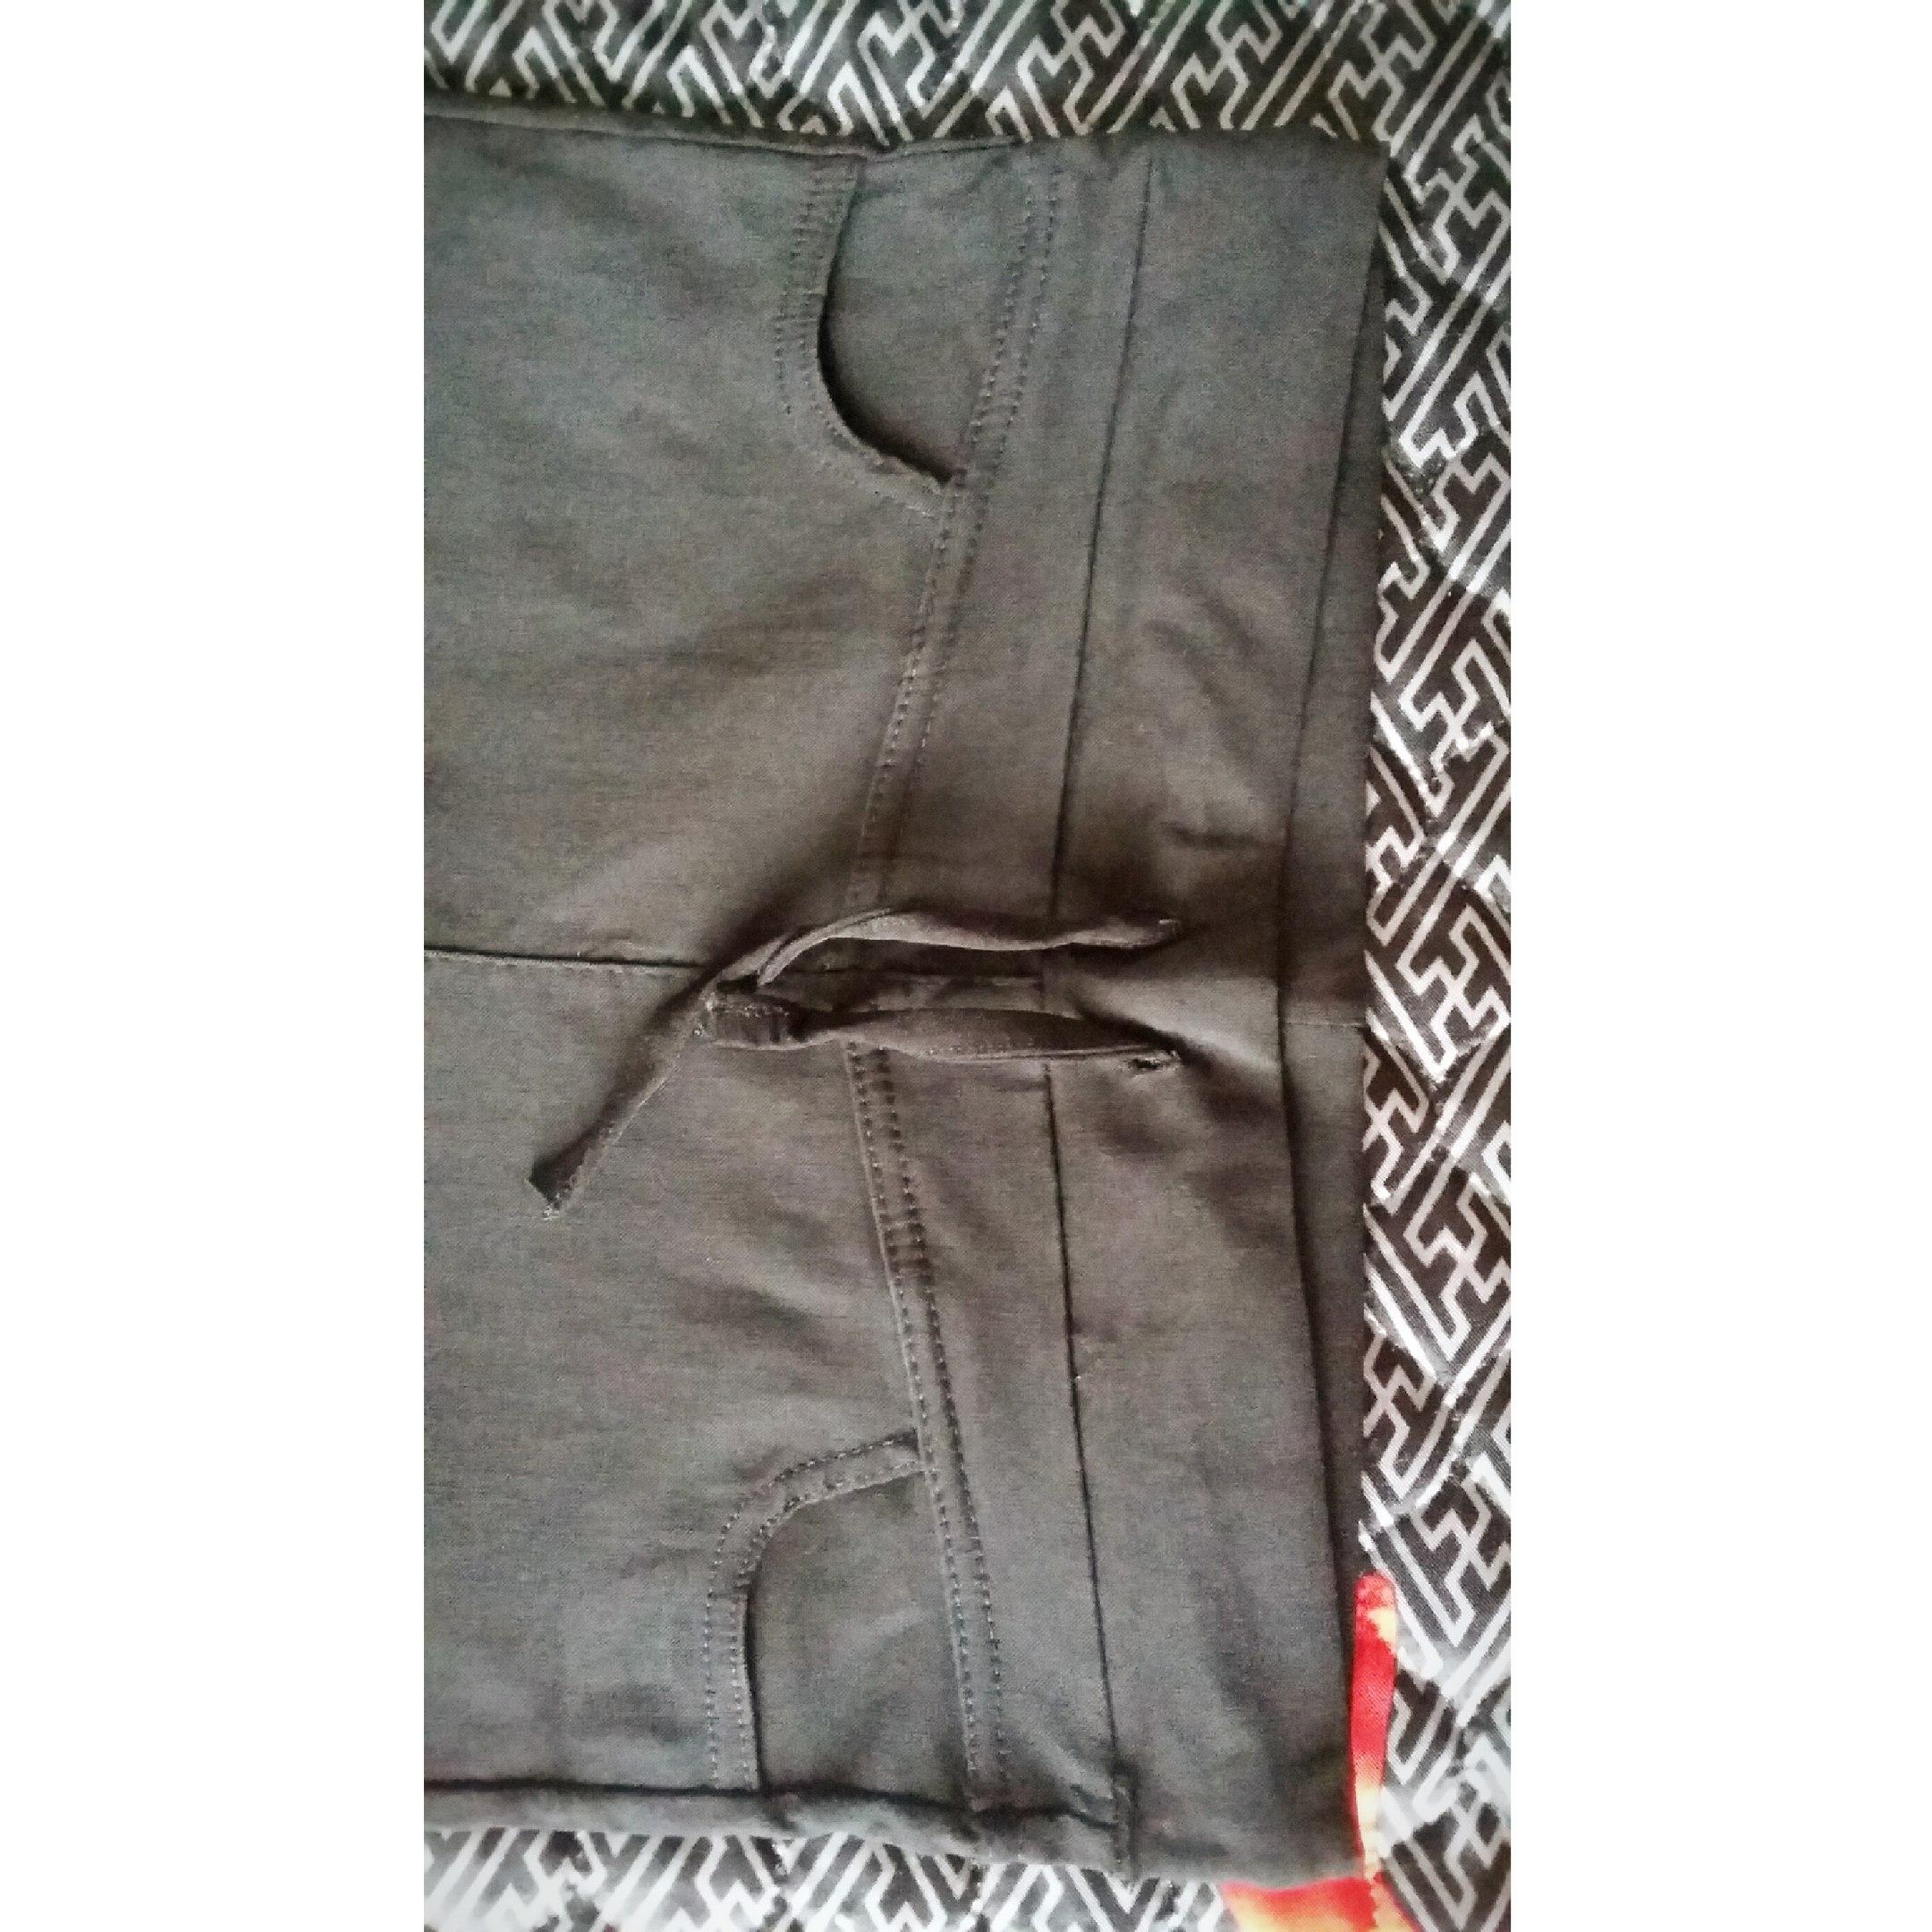 Джинсы с рваниной от магазина weweya Online Store